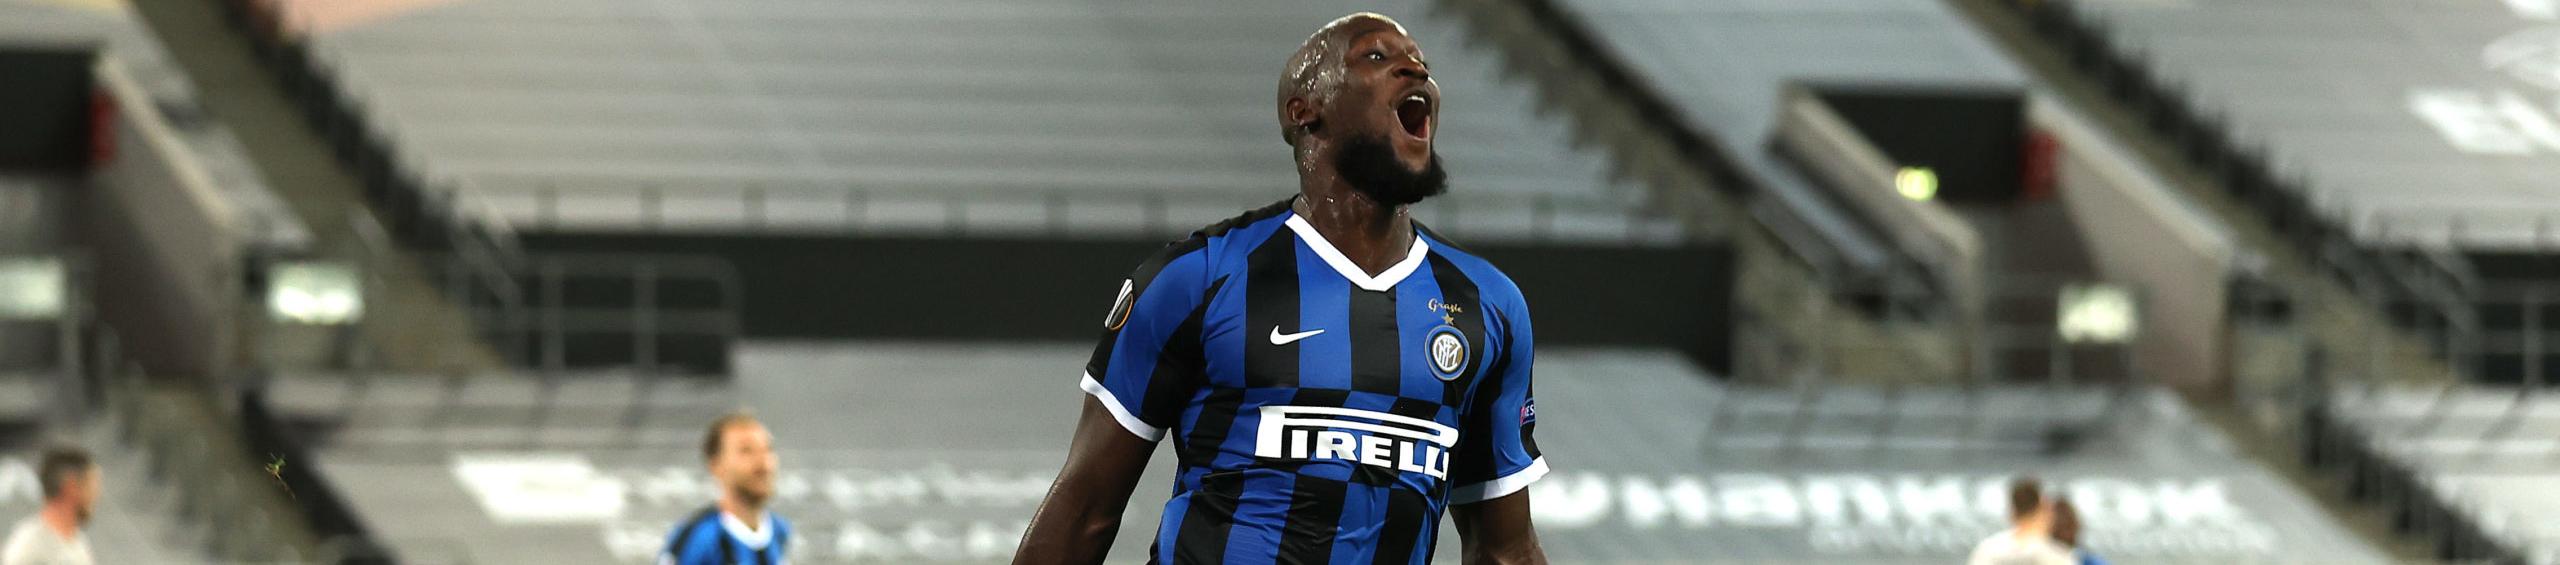 Inter-Genoa, Conte deve fare attenzione: il Grifone è rinato